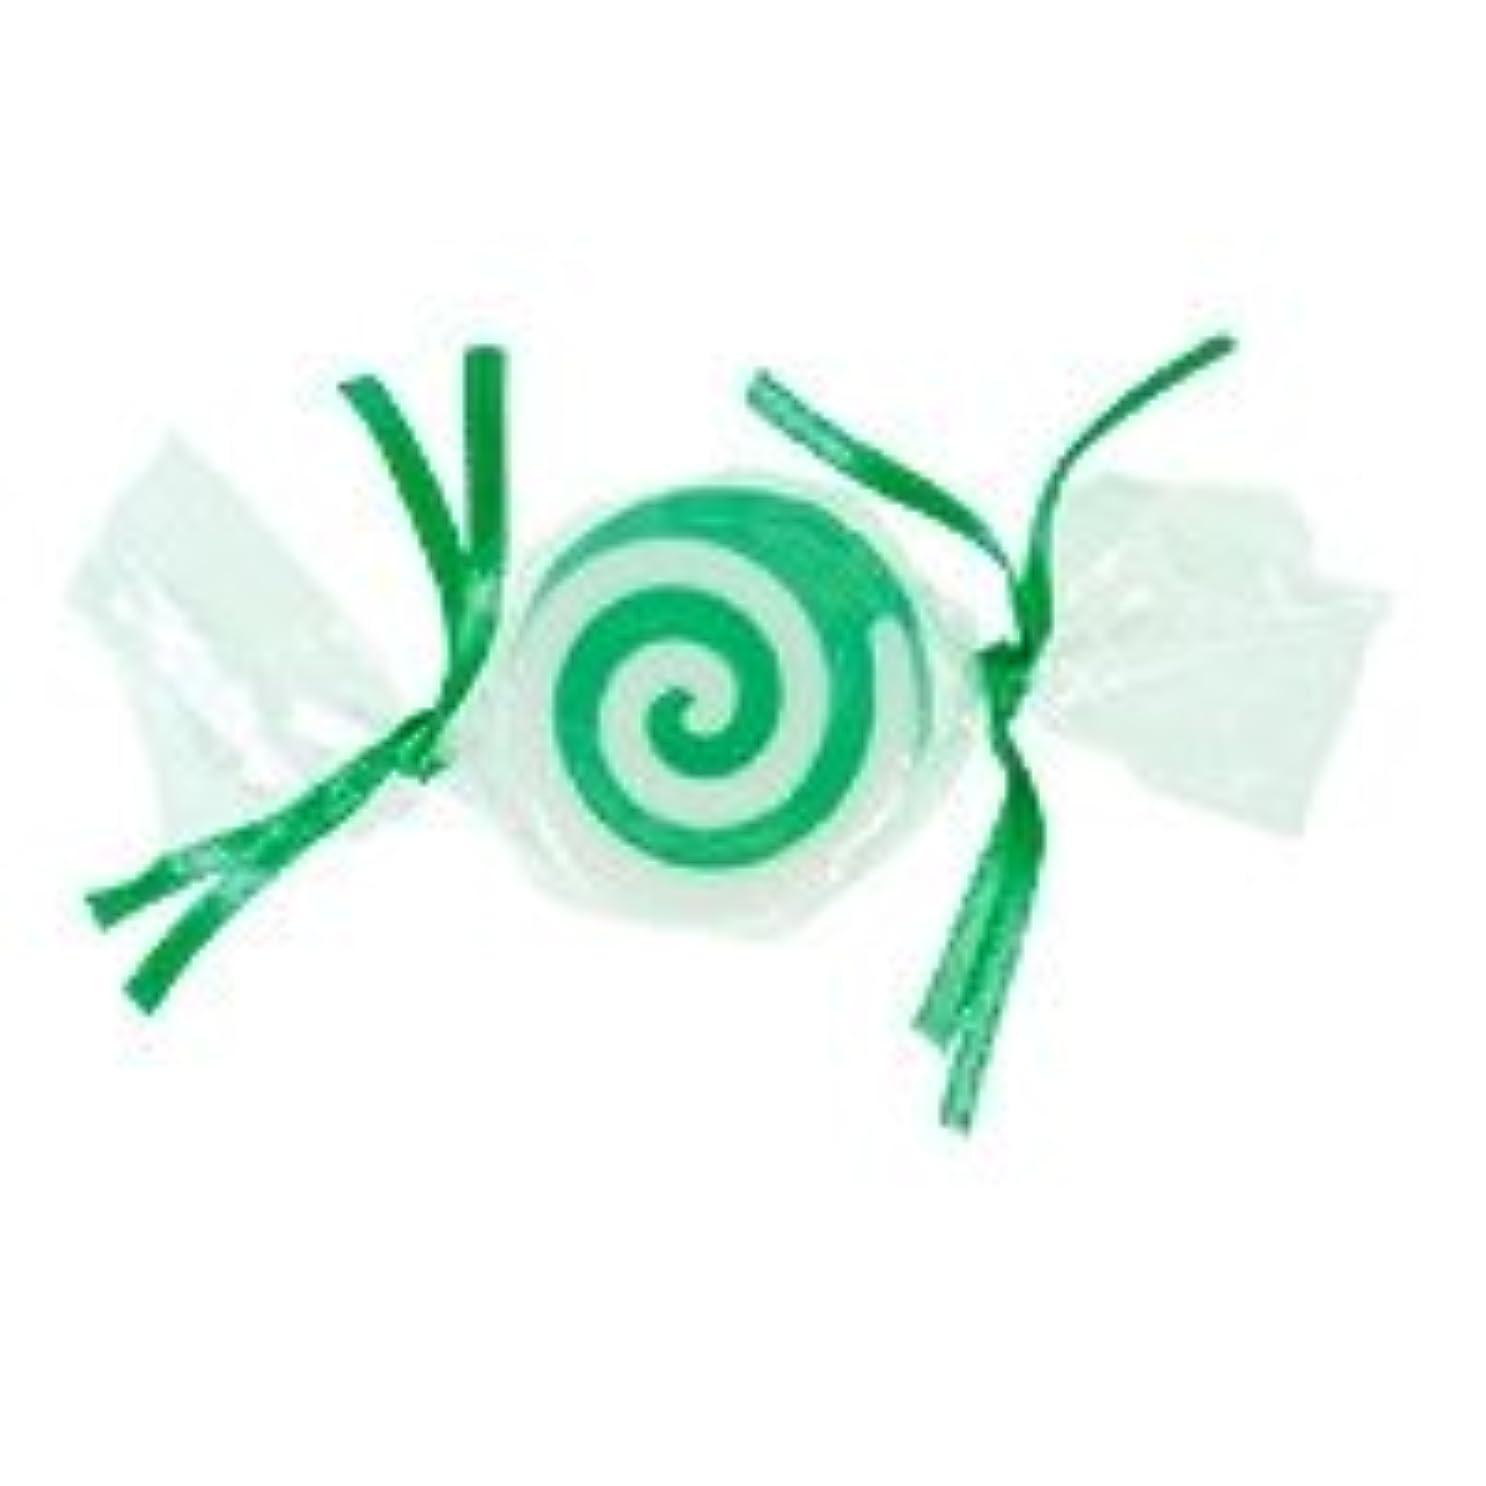 ランドマーク駅投獄ベジタブルソープ キャンディ「グリーン」20個セット グリーンアップルの香り